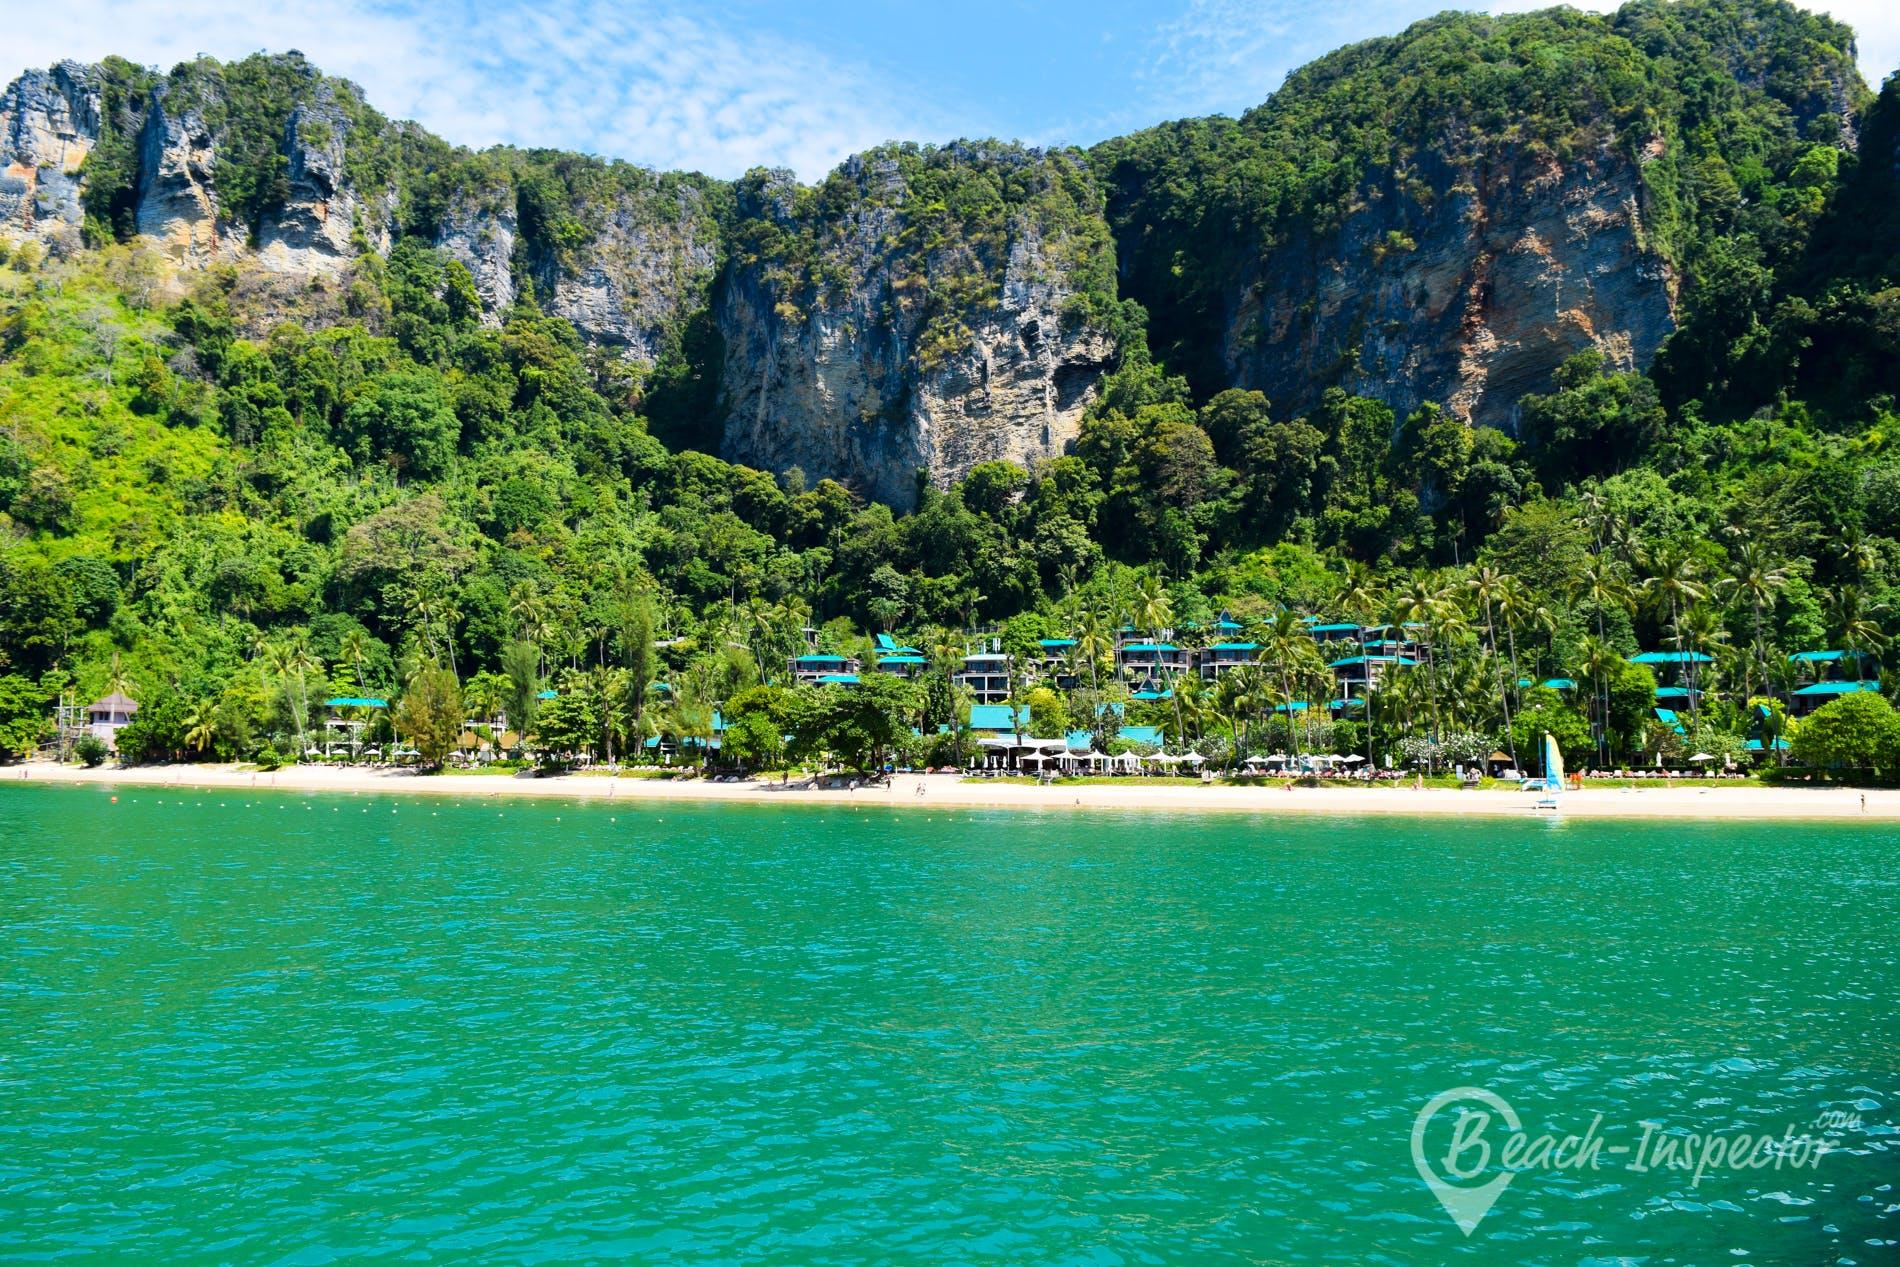 Beach Pai Plong Beach, Thailand, Thailand